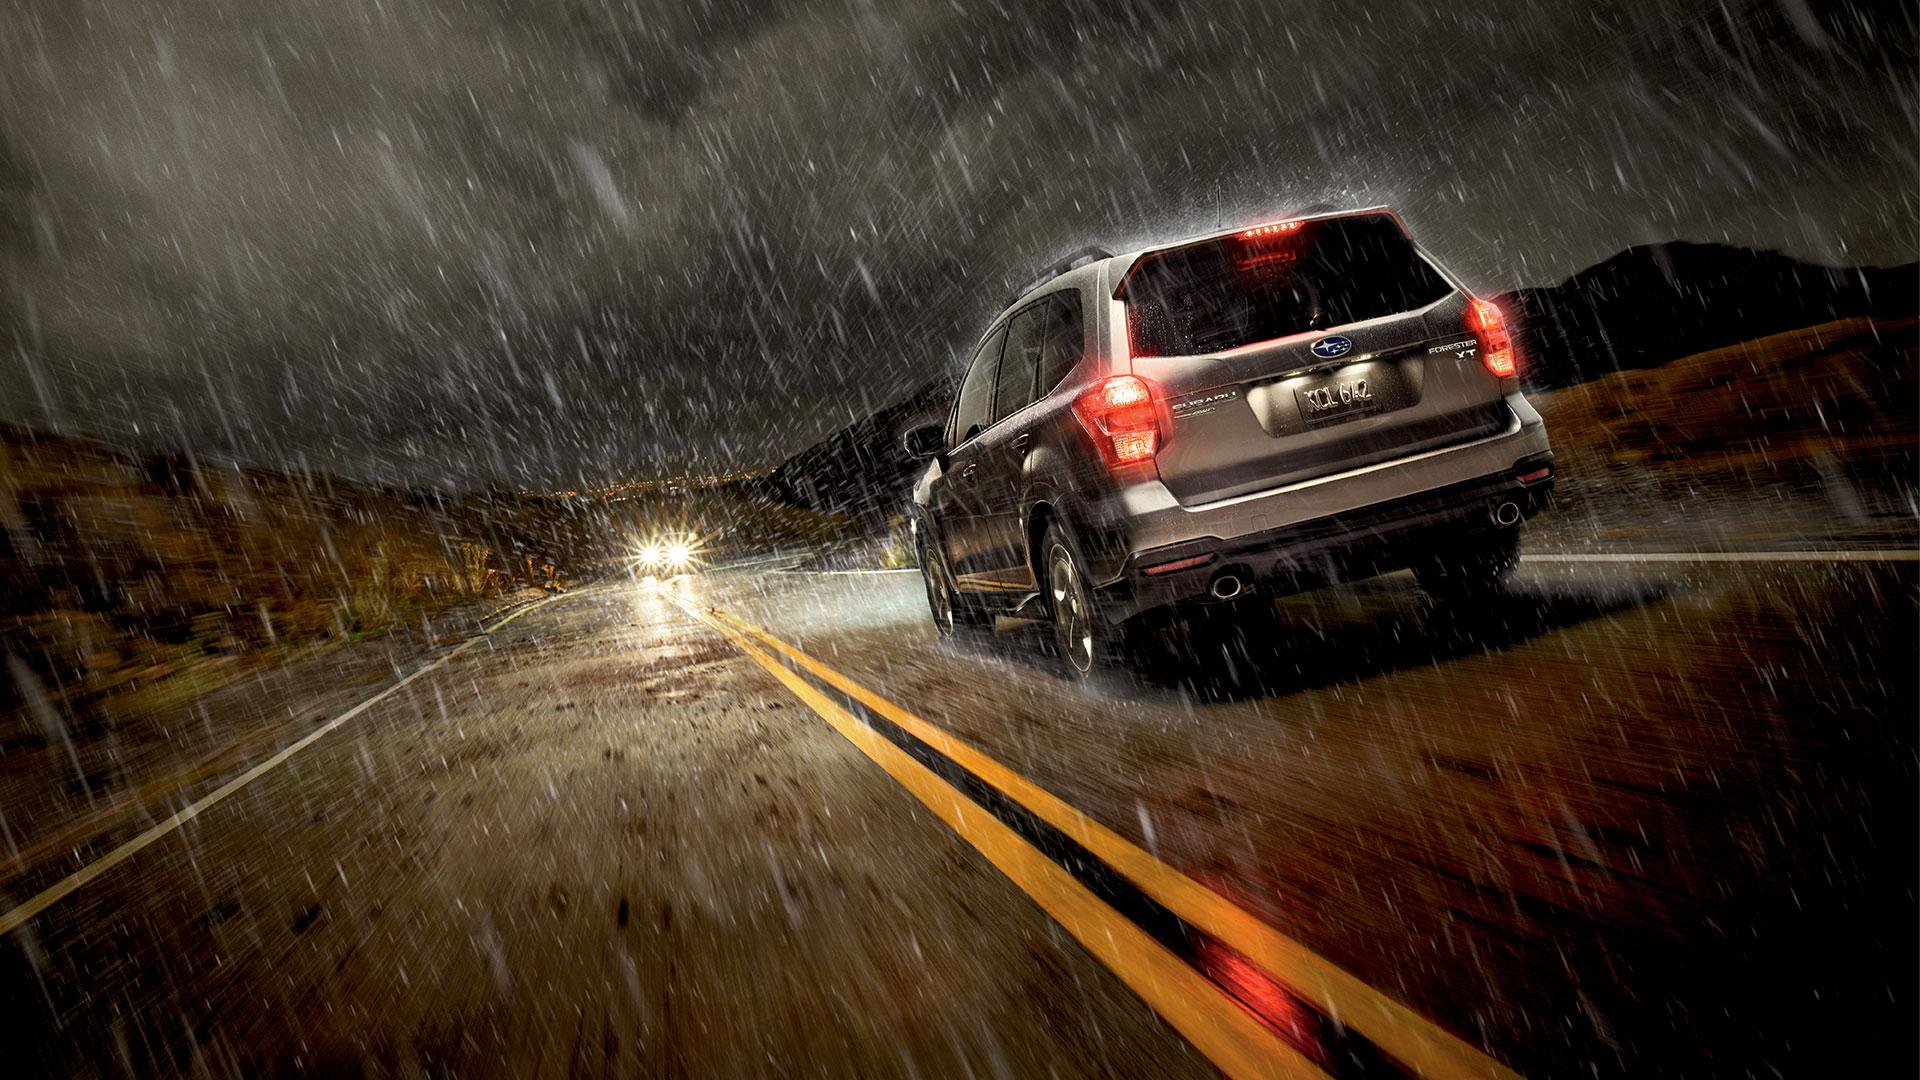 camioneta andando en la lluvia